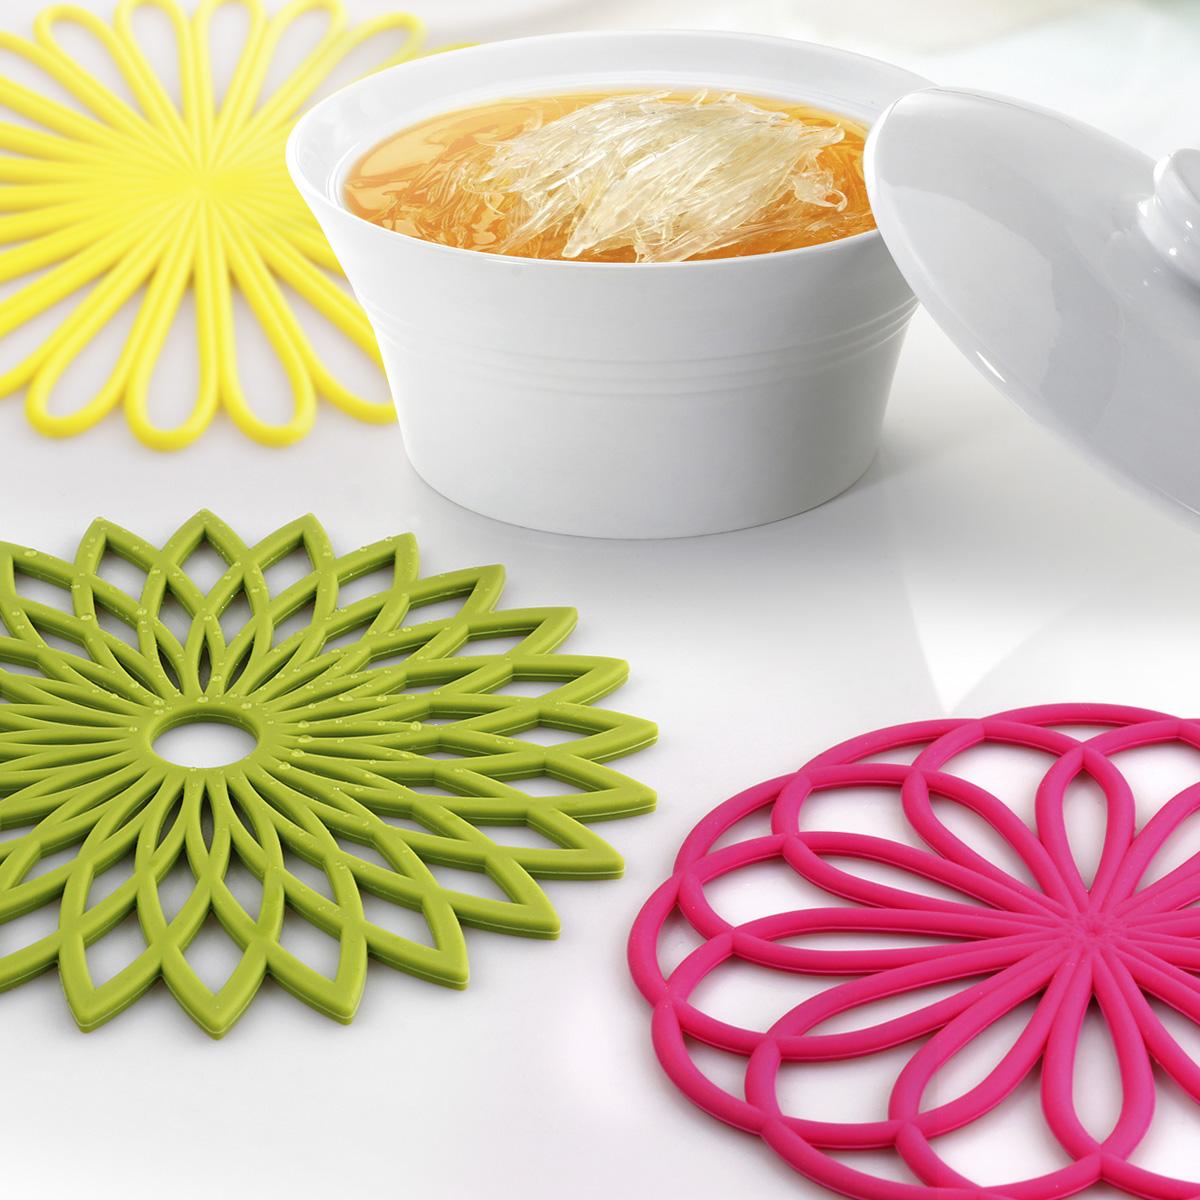 日用创意欧式不锈钢硅胶隔热垫碗垫餐垫餐桌垫锅垫杯垫盘垫防烫垫